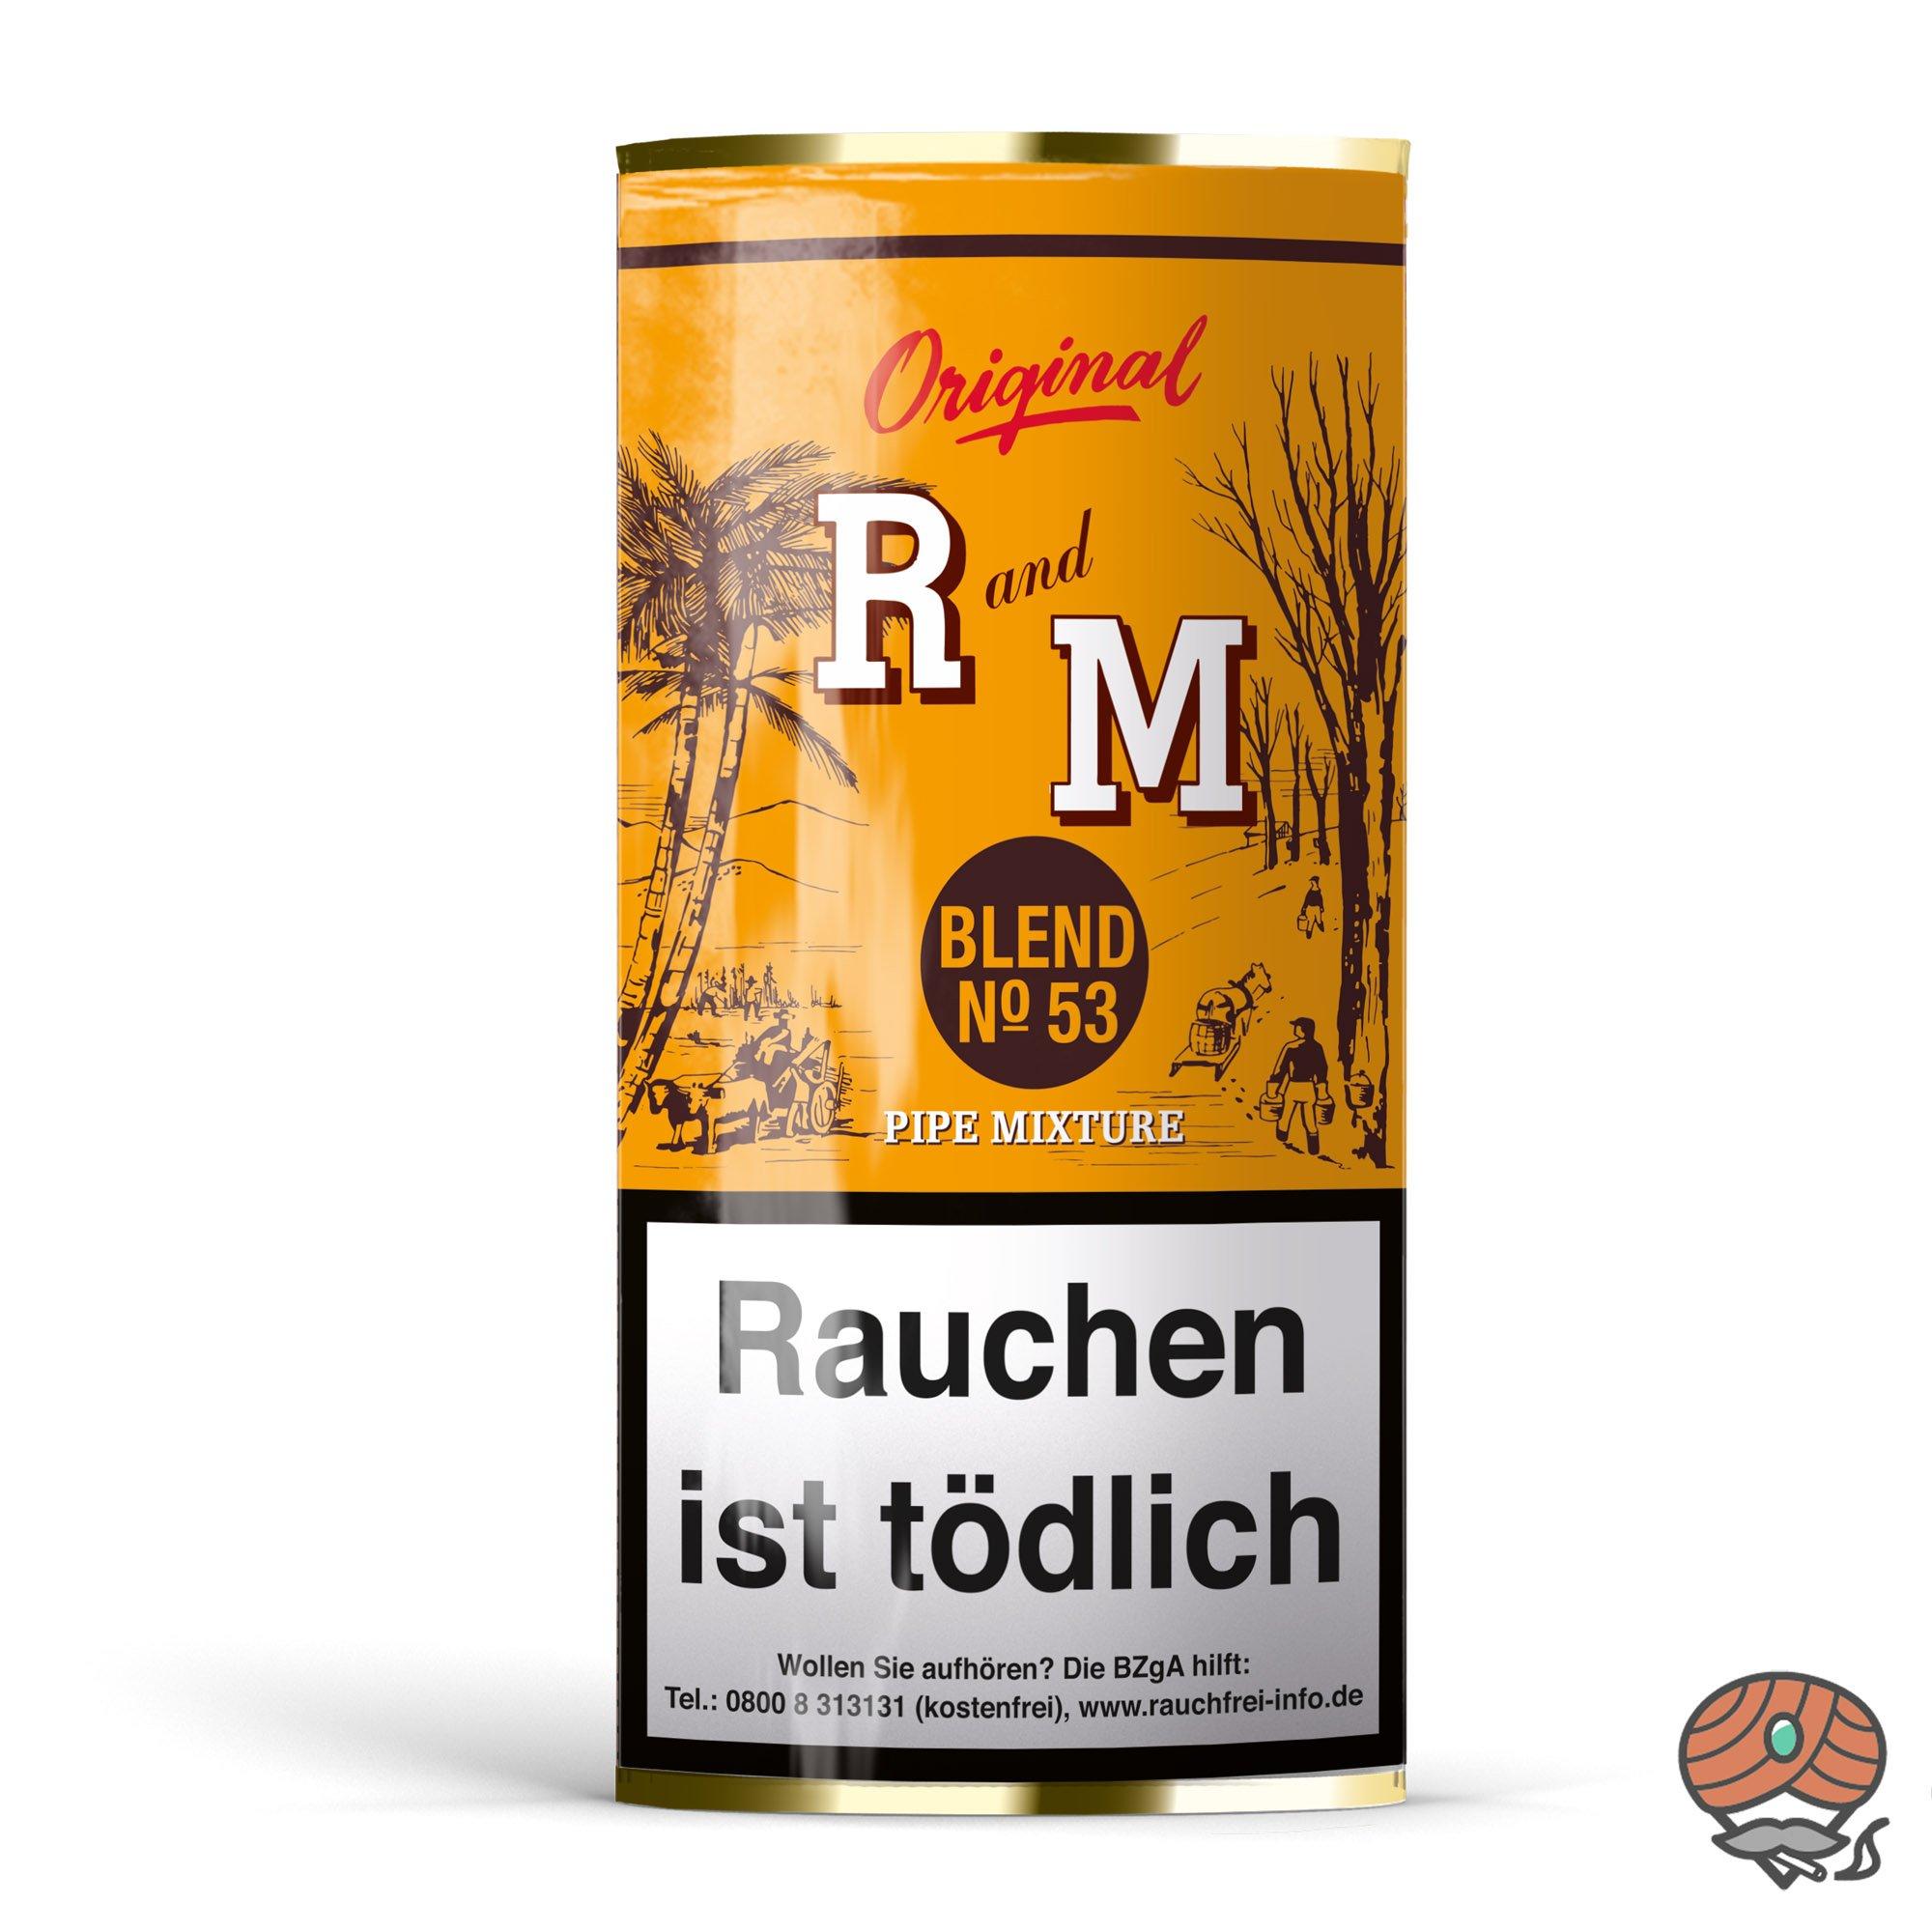 R und M (Rum and Maple) Original Blend No. 53 Pfeifentabak 50g Pouch